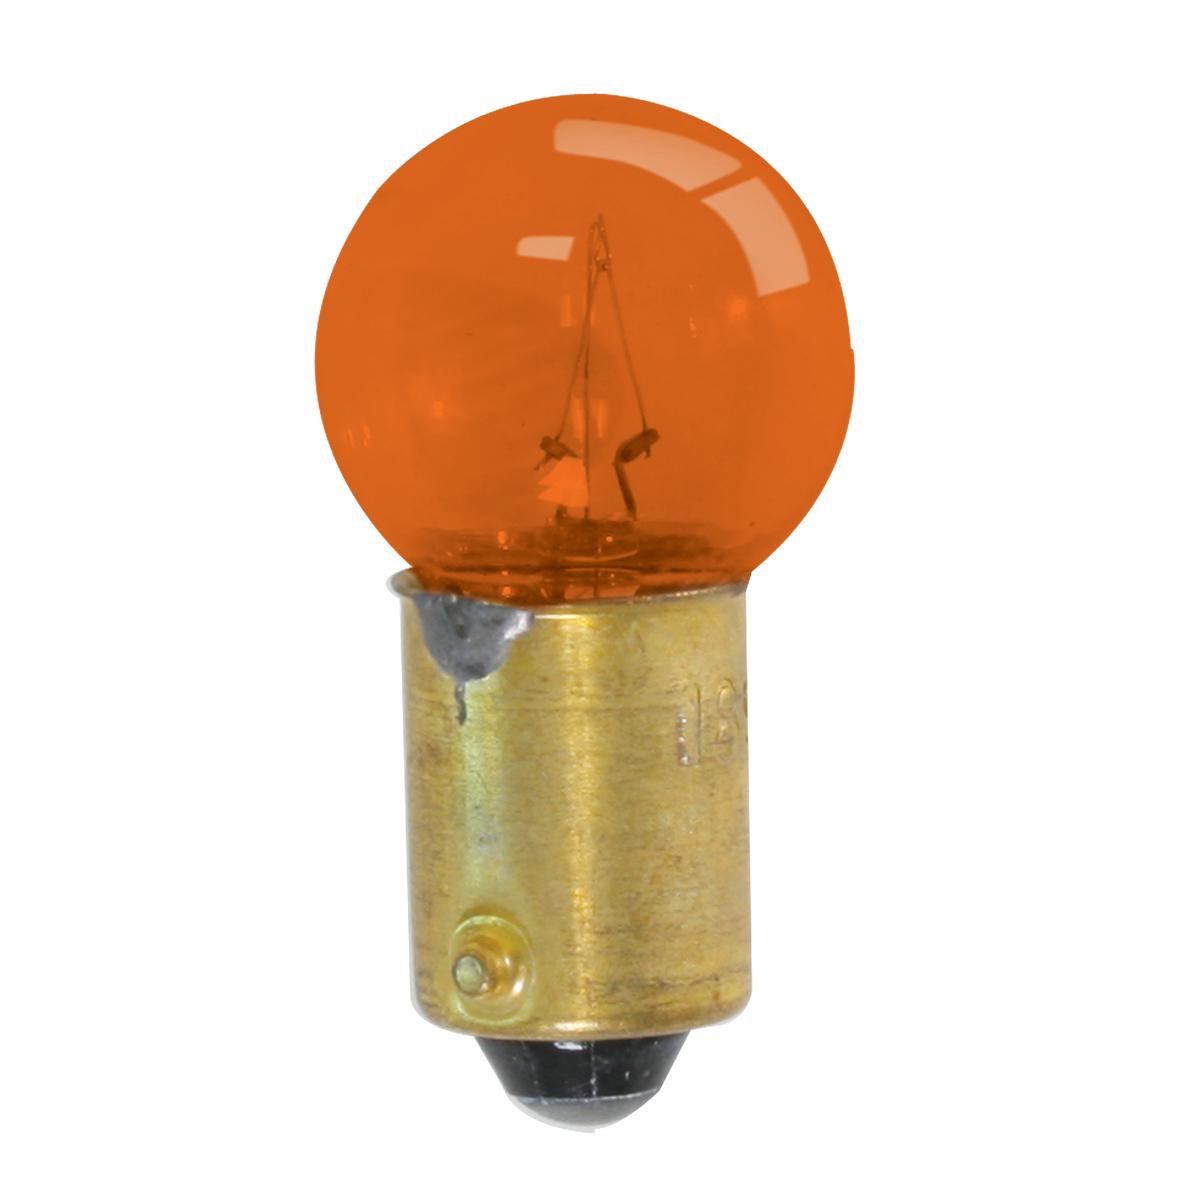 #79120 Miniature Replacement #1895 Amber Light Bulbs